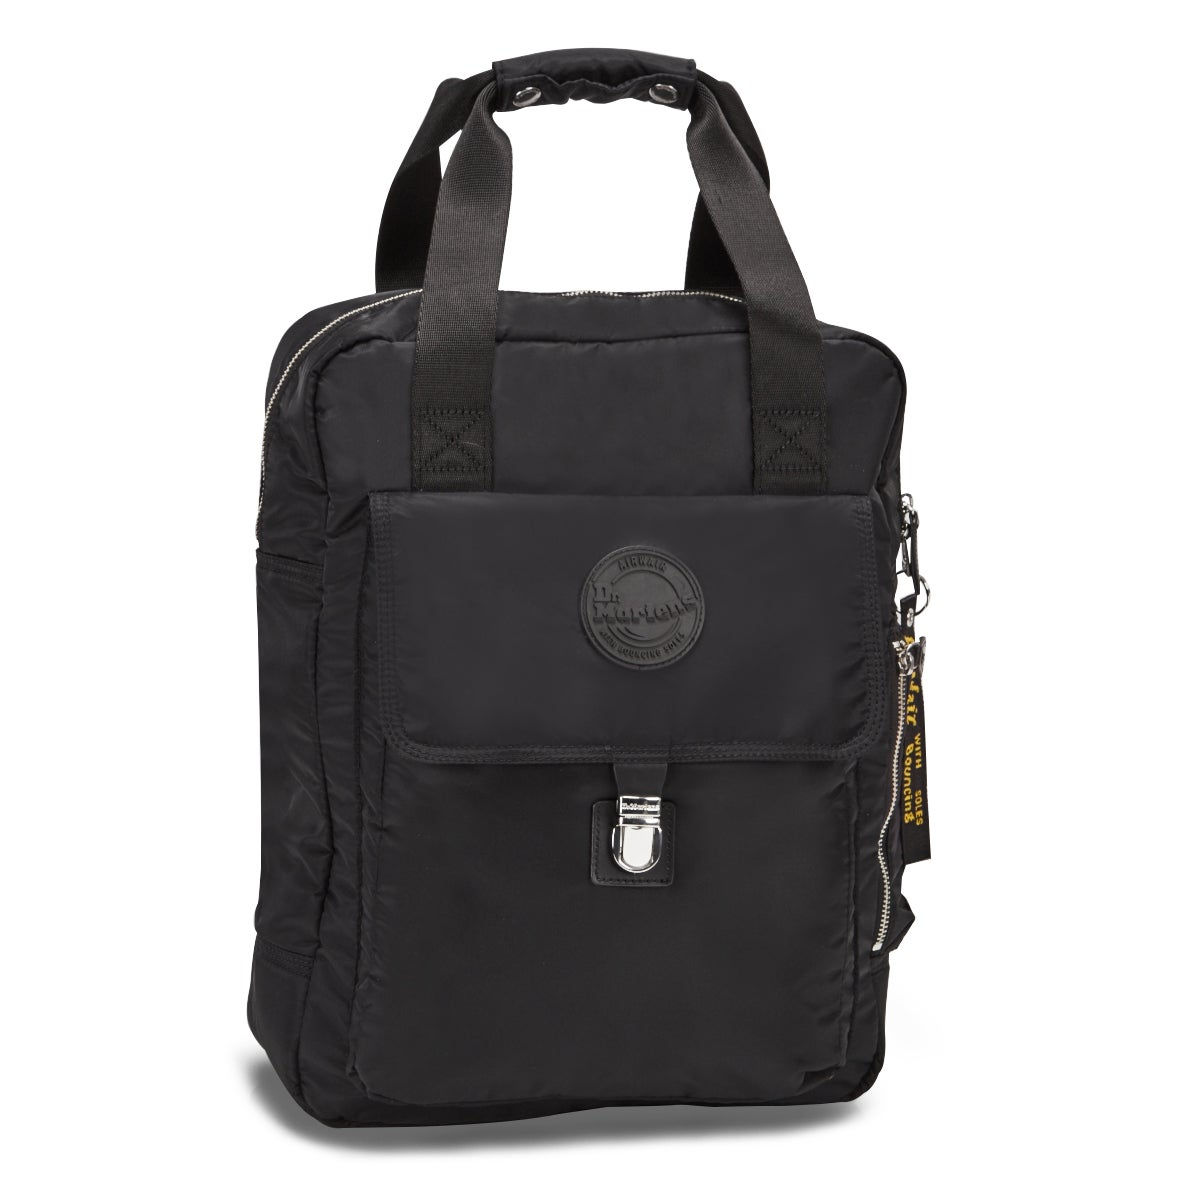 Dr Martens Large blk nylon backpack